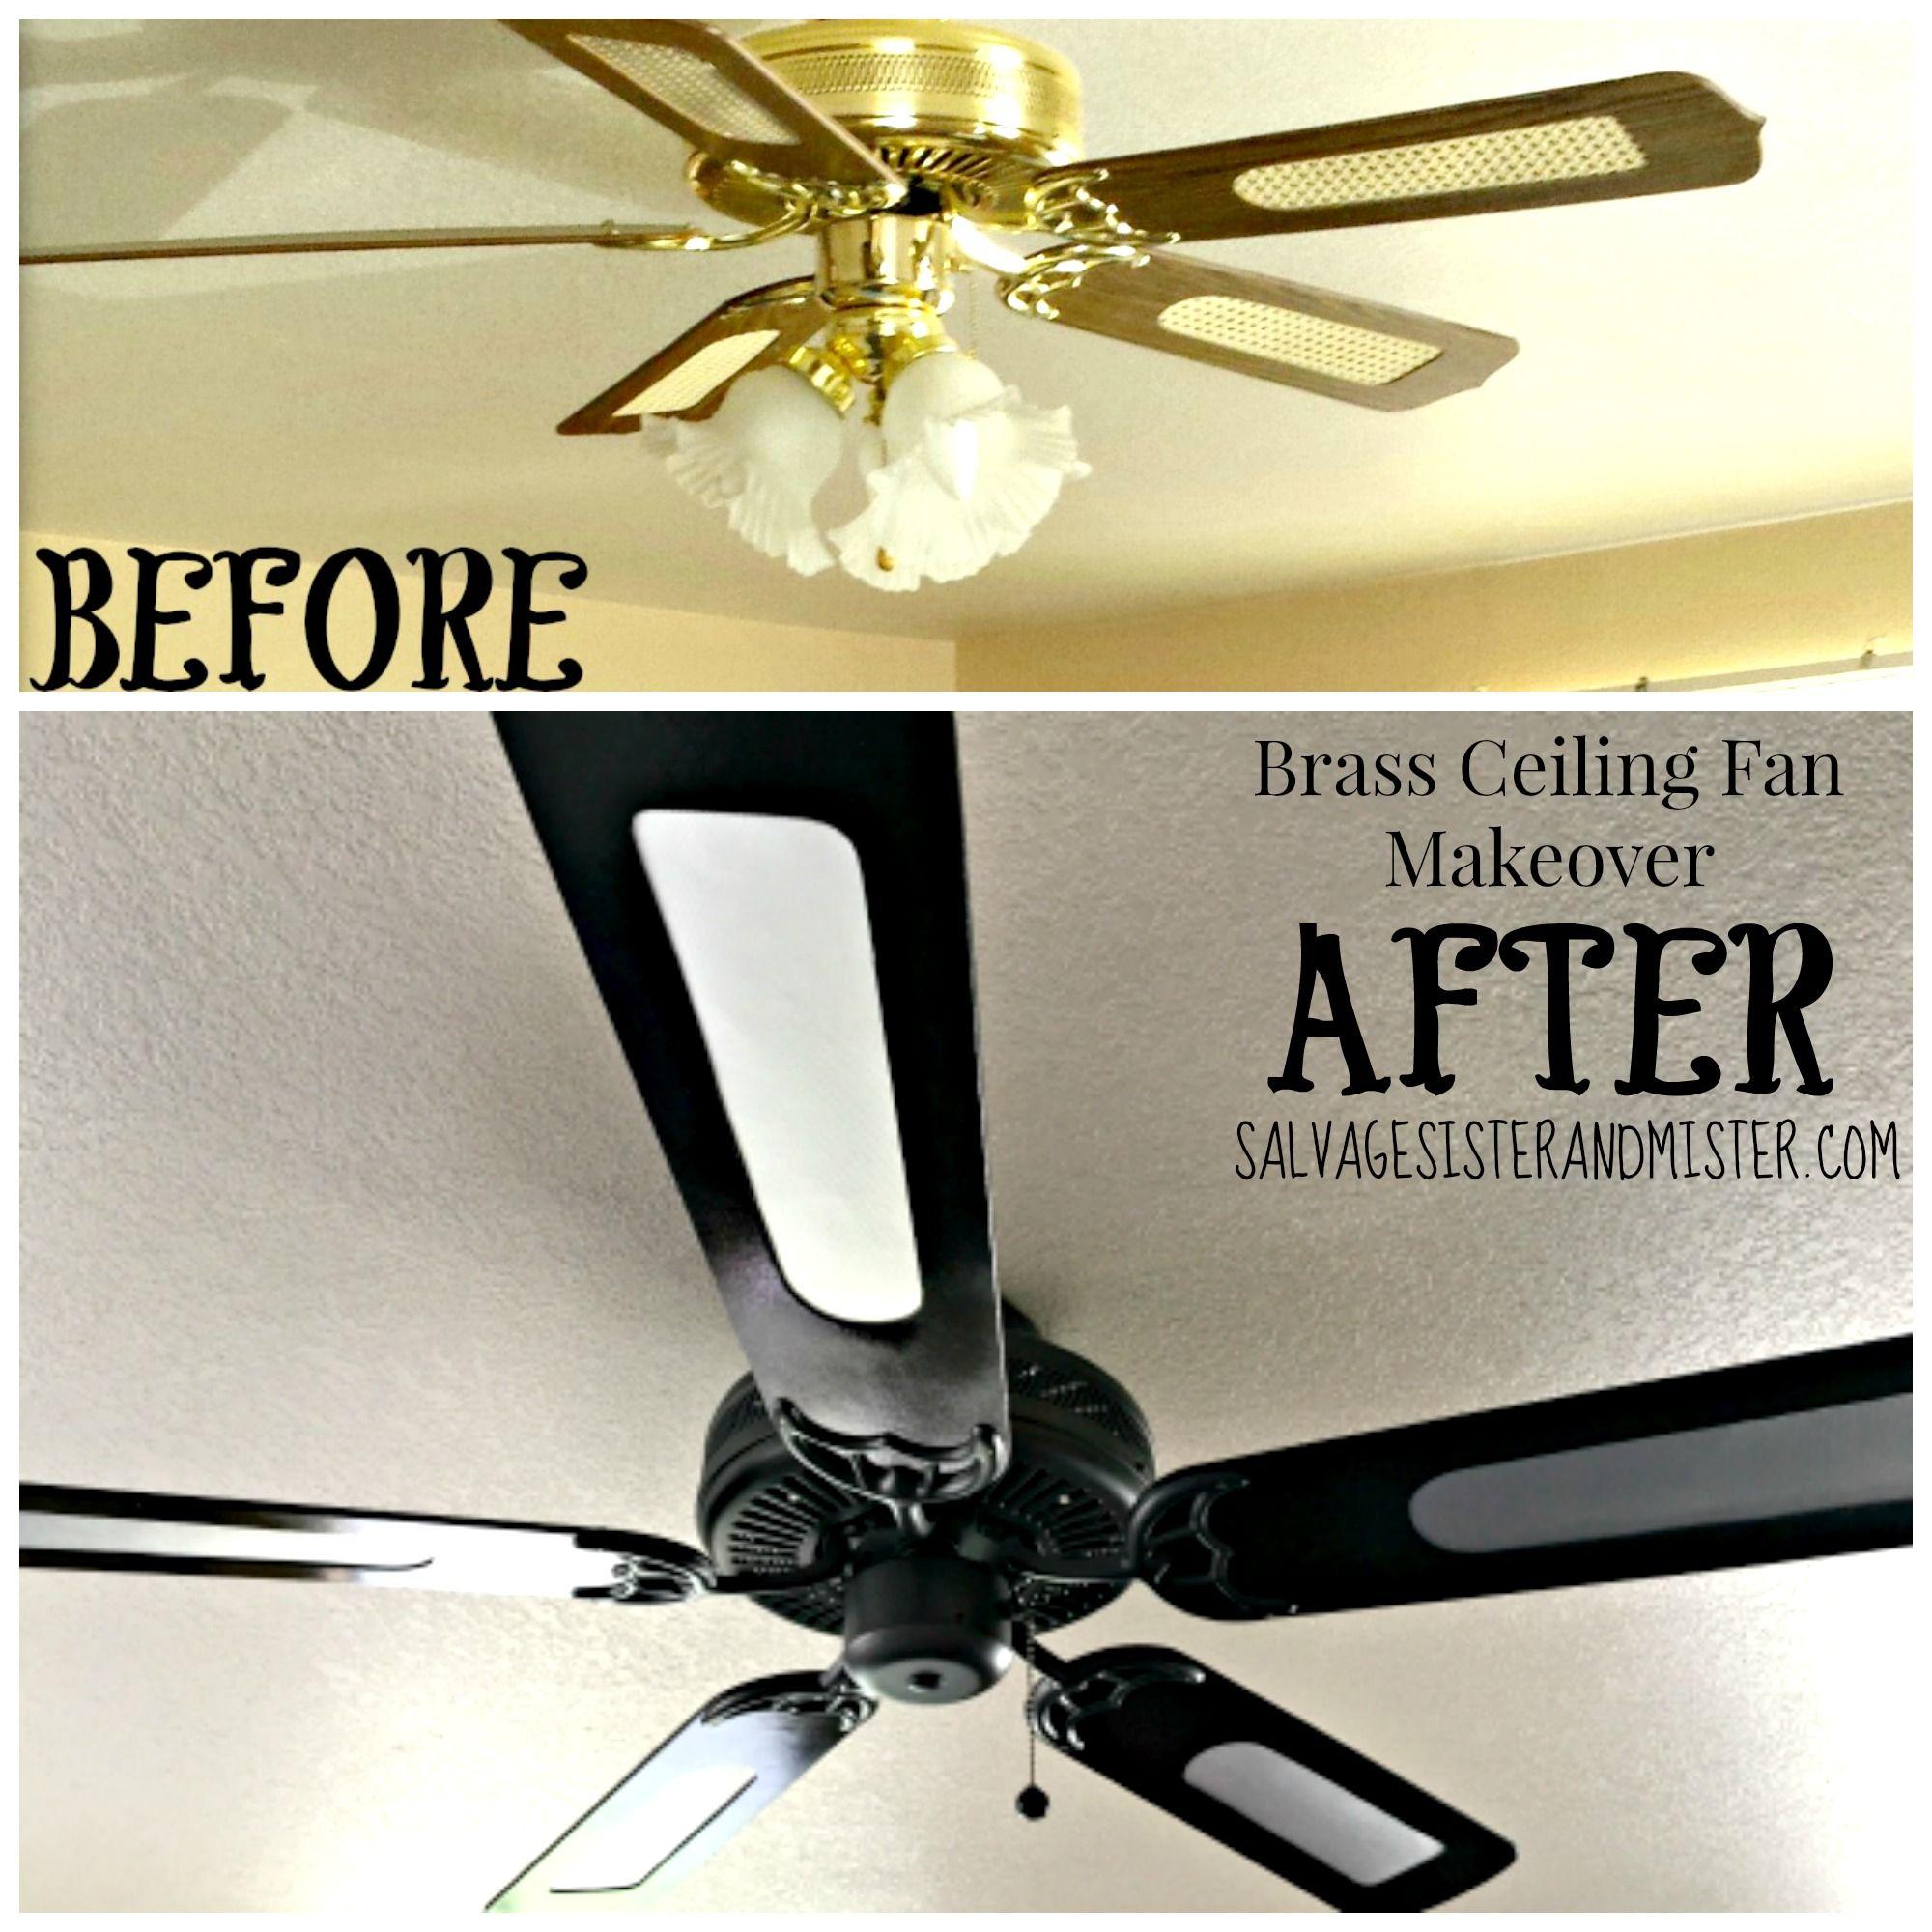 Brass Ceiling Fan Makeover Ceiling Fan Makeover Brass Ceiling Fan Ceiling Fan